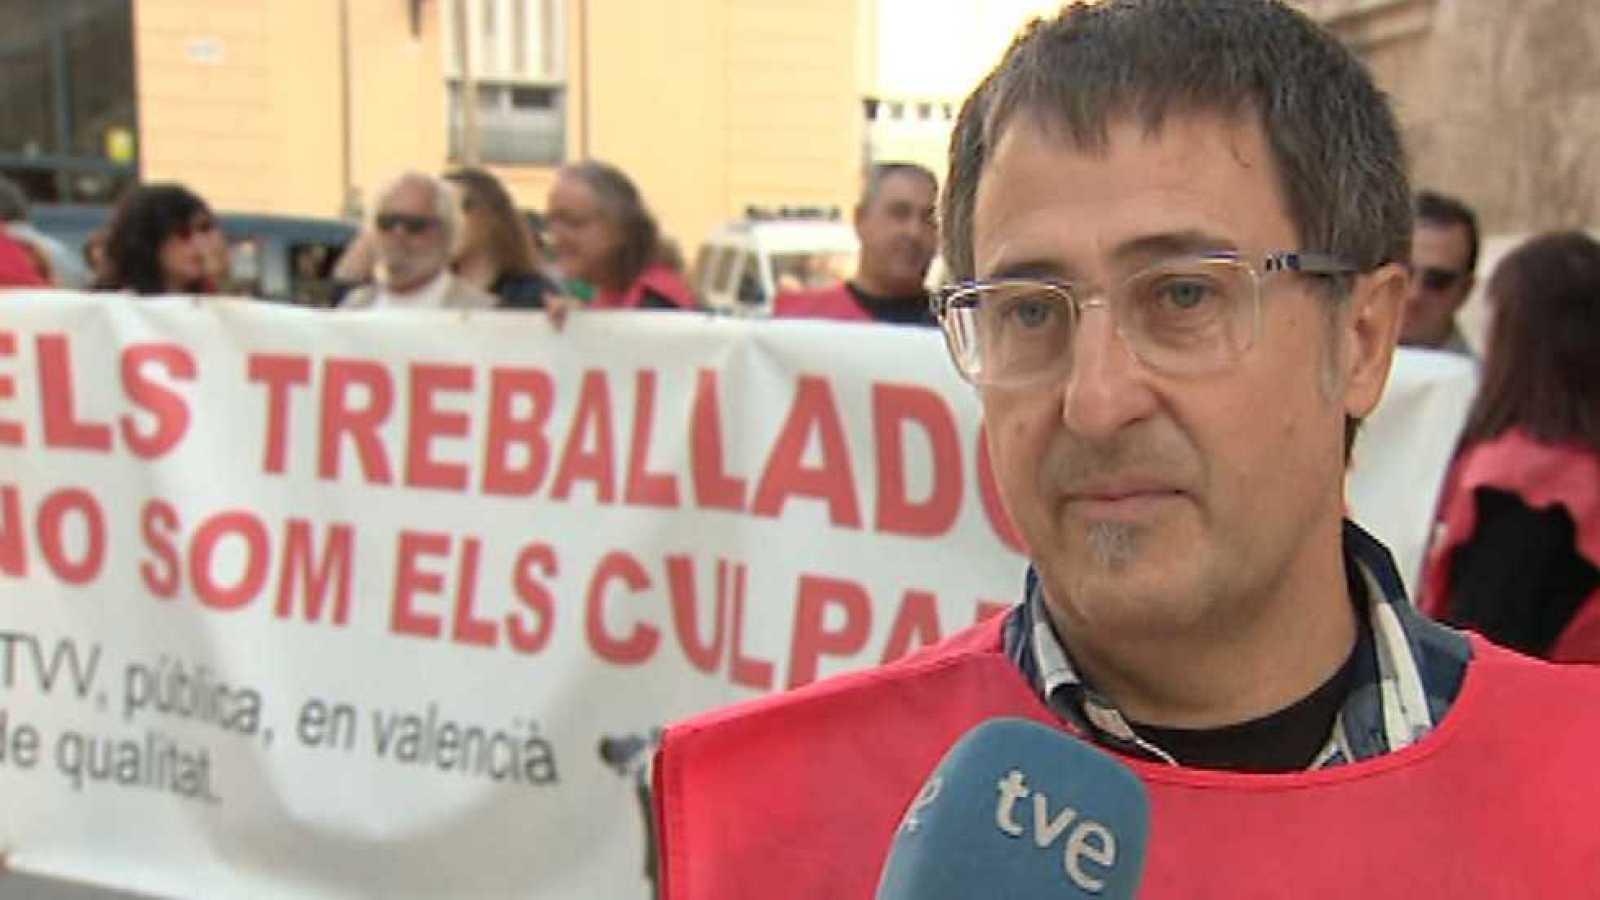 L'Informatiu - Comunitat Valenciana - 20/11/15 - ver ahora